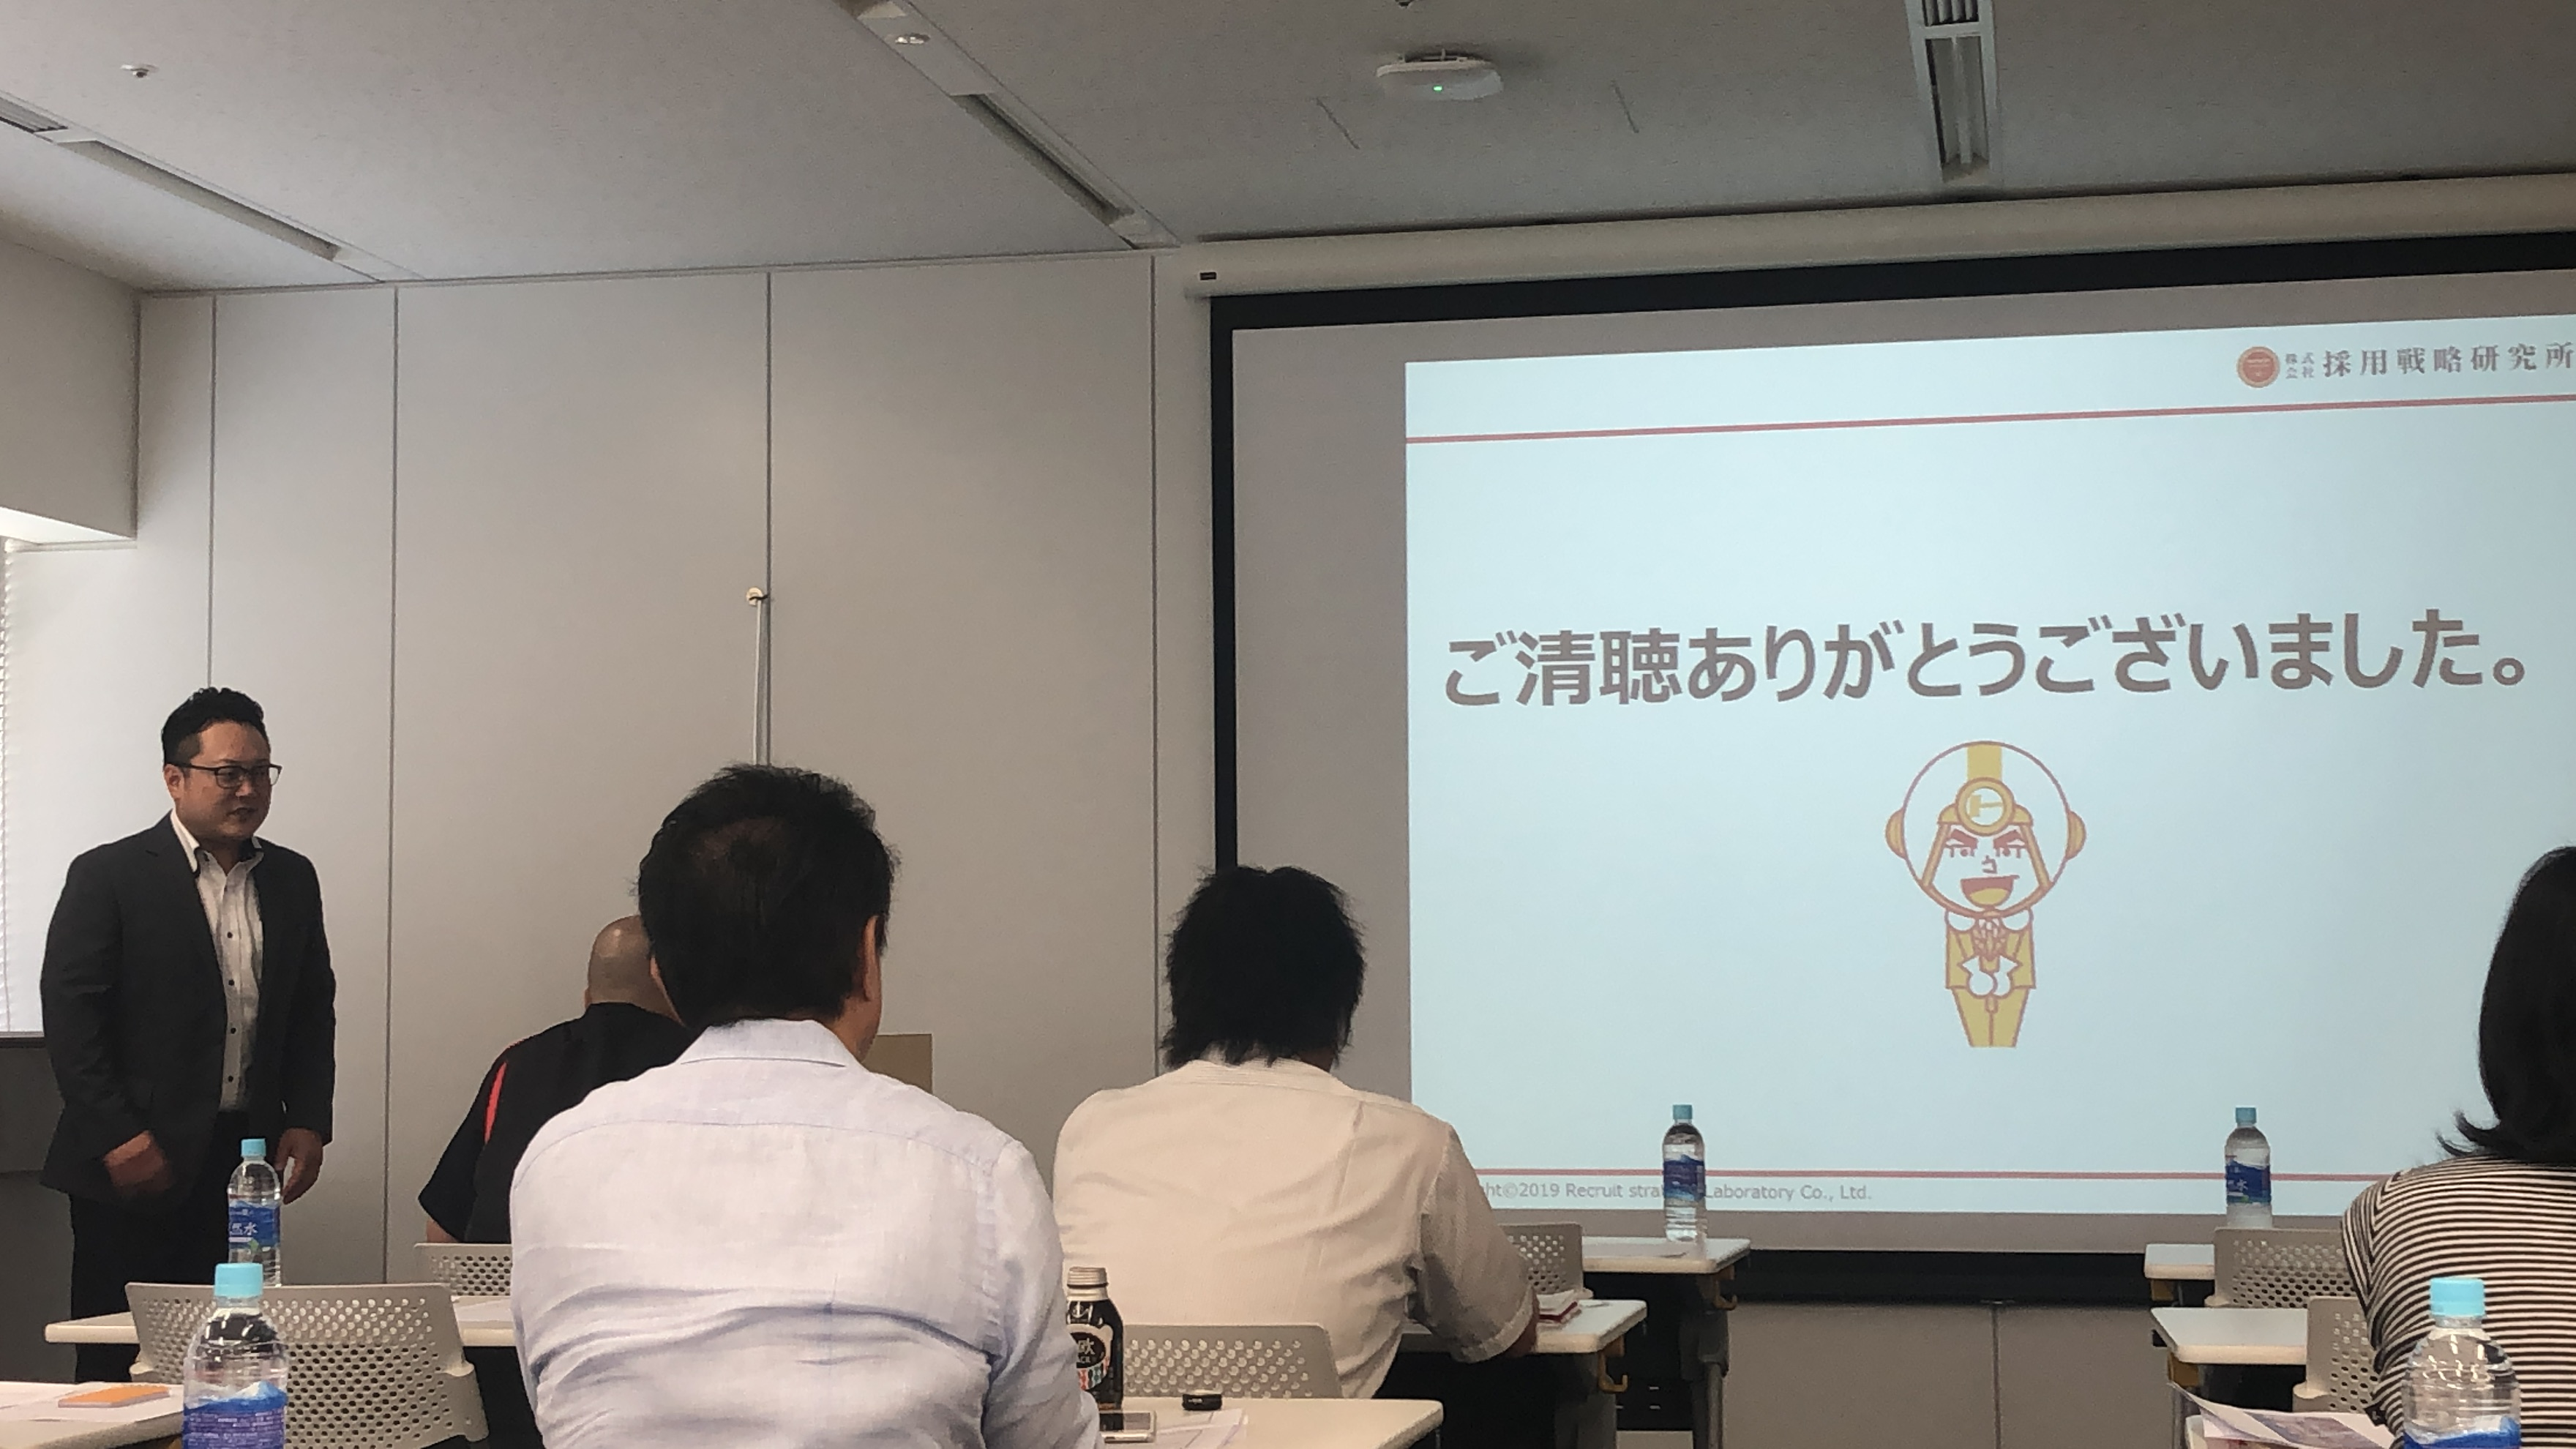 サッポロビール主催セミナー『飲食店経営者様向けセミナー』/採用戦略研究所 郷戸理永